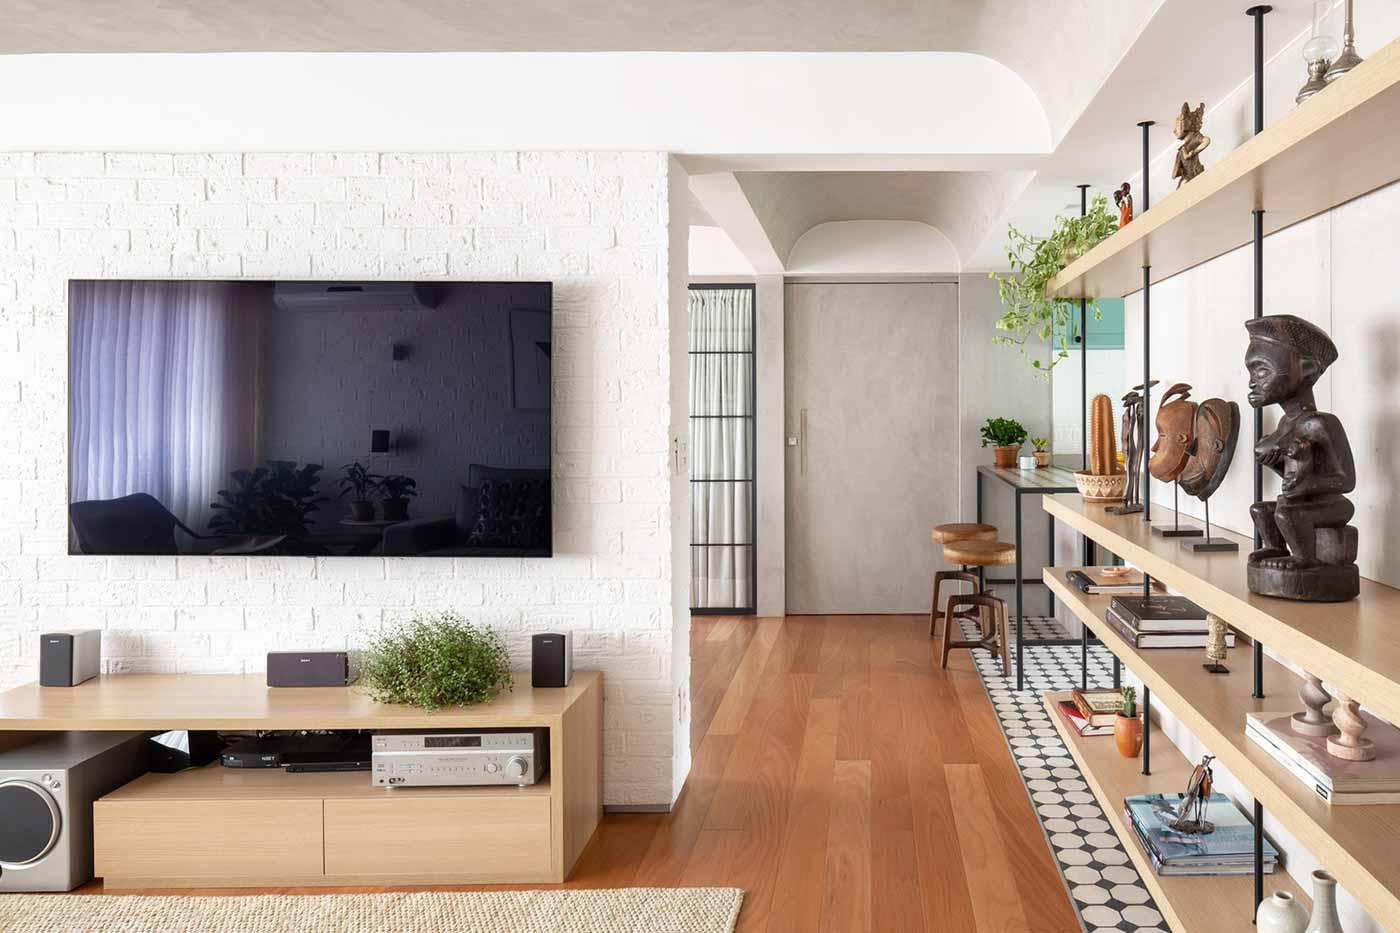 Hanya menyimpan barang yang dibutuhkan, hunian karya Semerene Arquitetura Interior, via archdaily.com